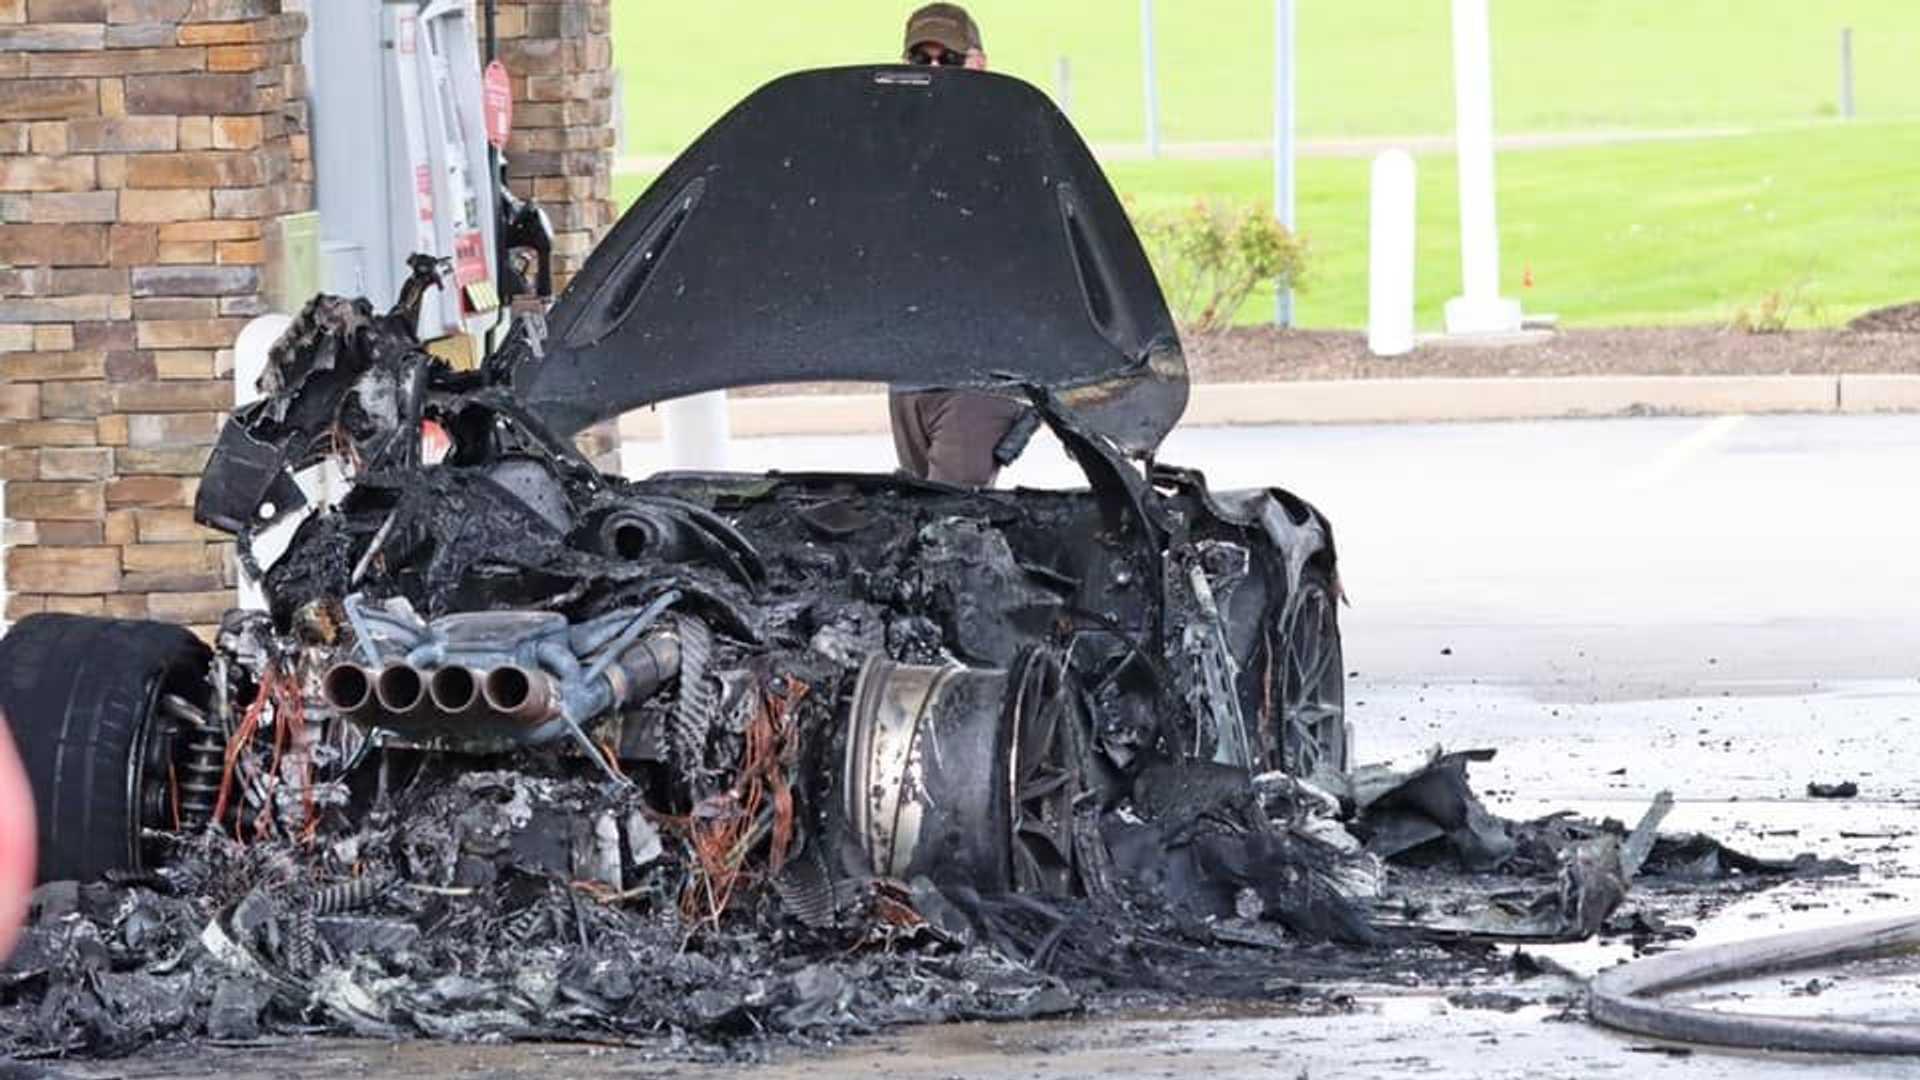 Лимитириванный суперкар McLaren выгорел дотла на АЗС - эффектные фото 2